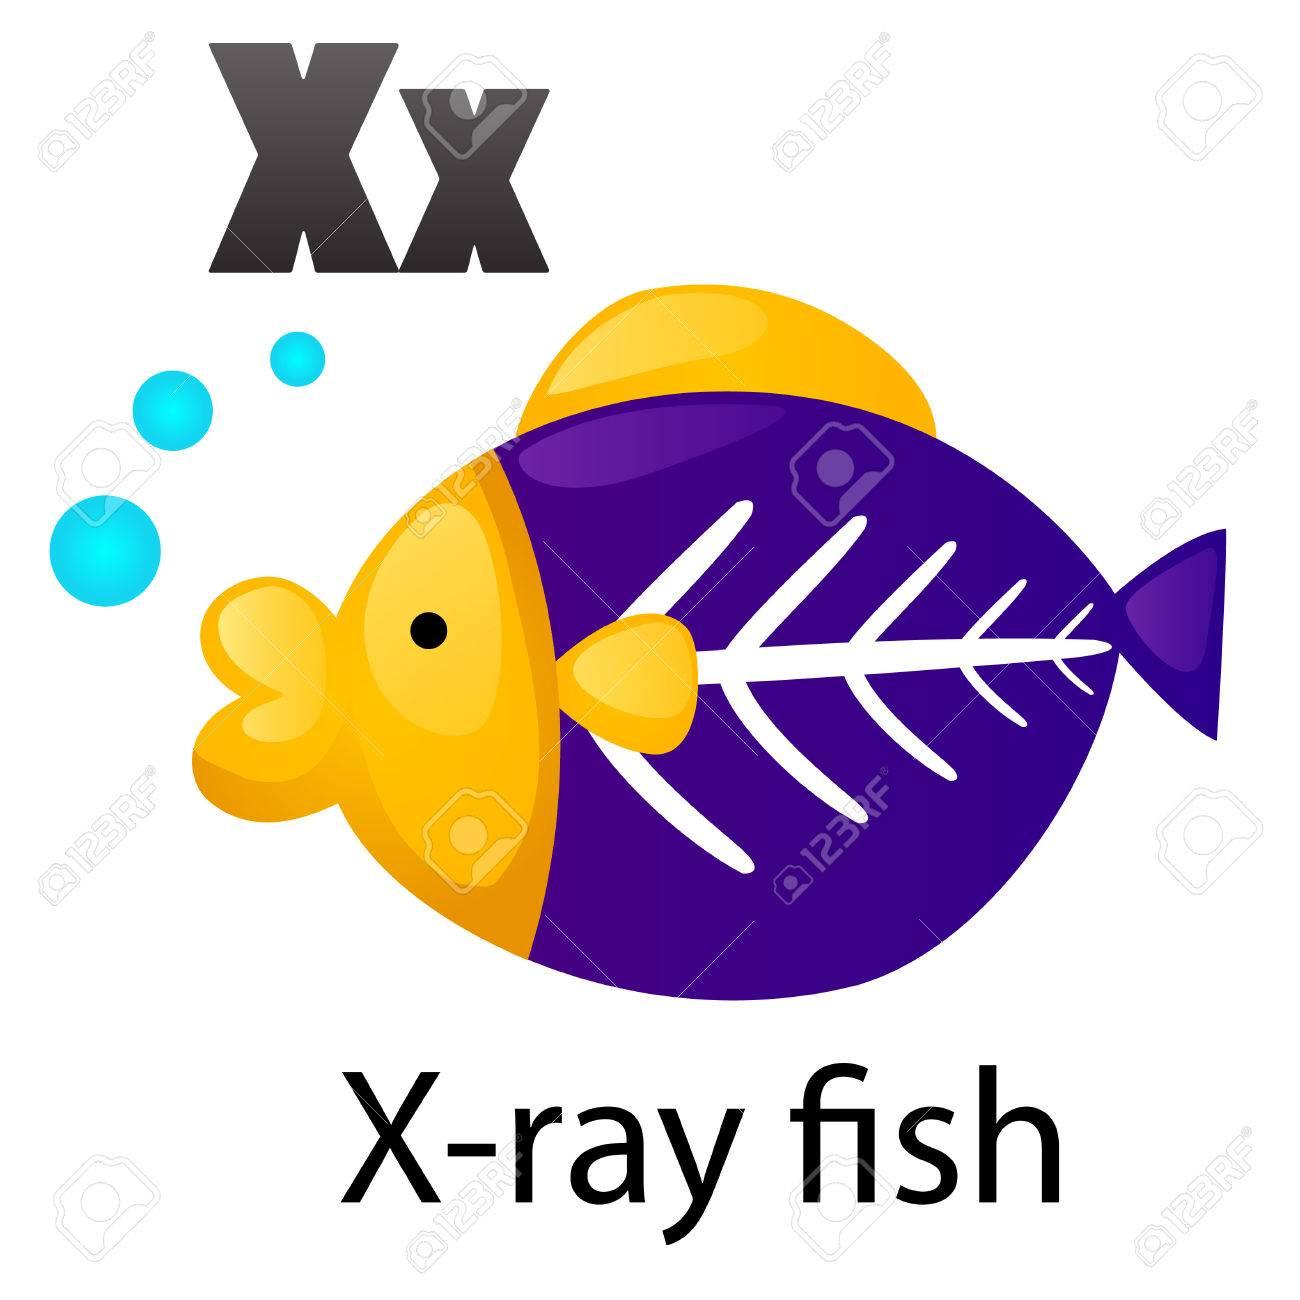 X-ray Tetra Drawings Alphabet x With X-ray Fish